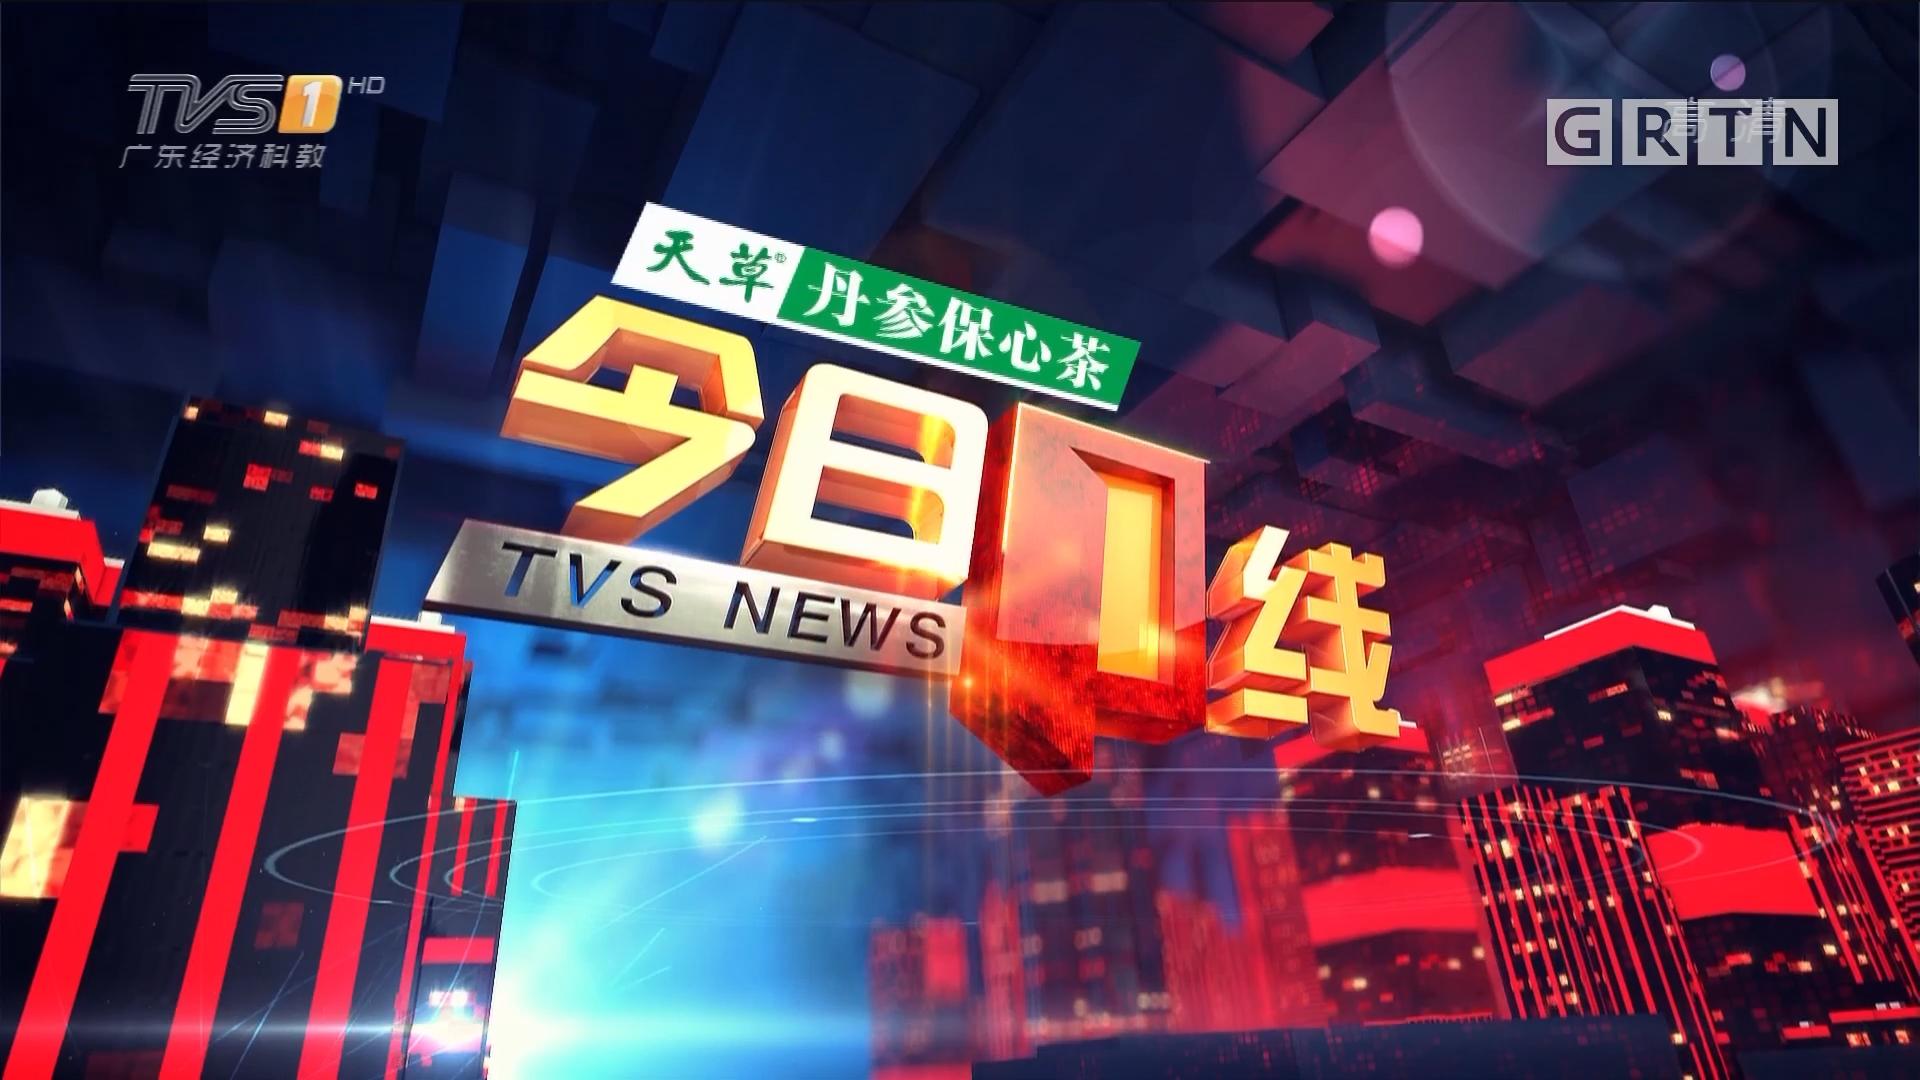 [HD][2017-10-18]今日一线:中国共产党第十九次全国代表大会在京开幕 习近平代表第十八届中央委员会向大会作报告